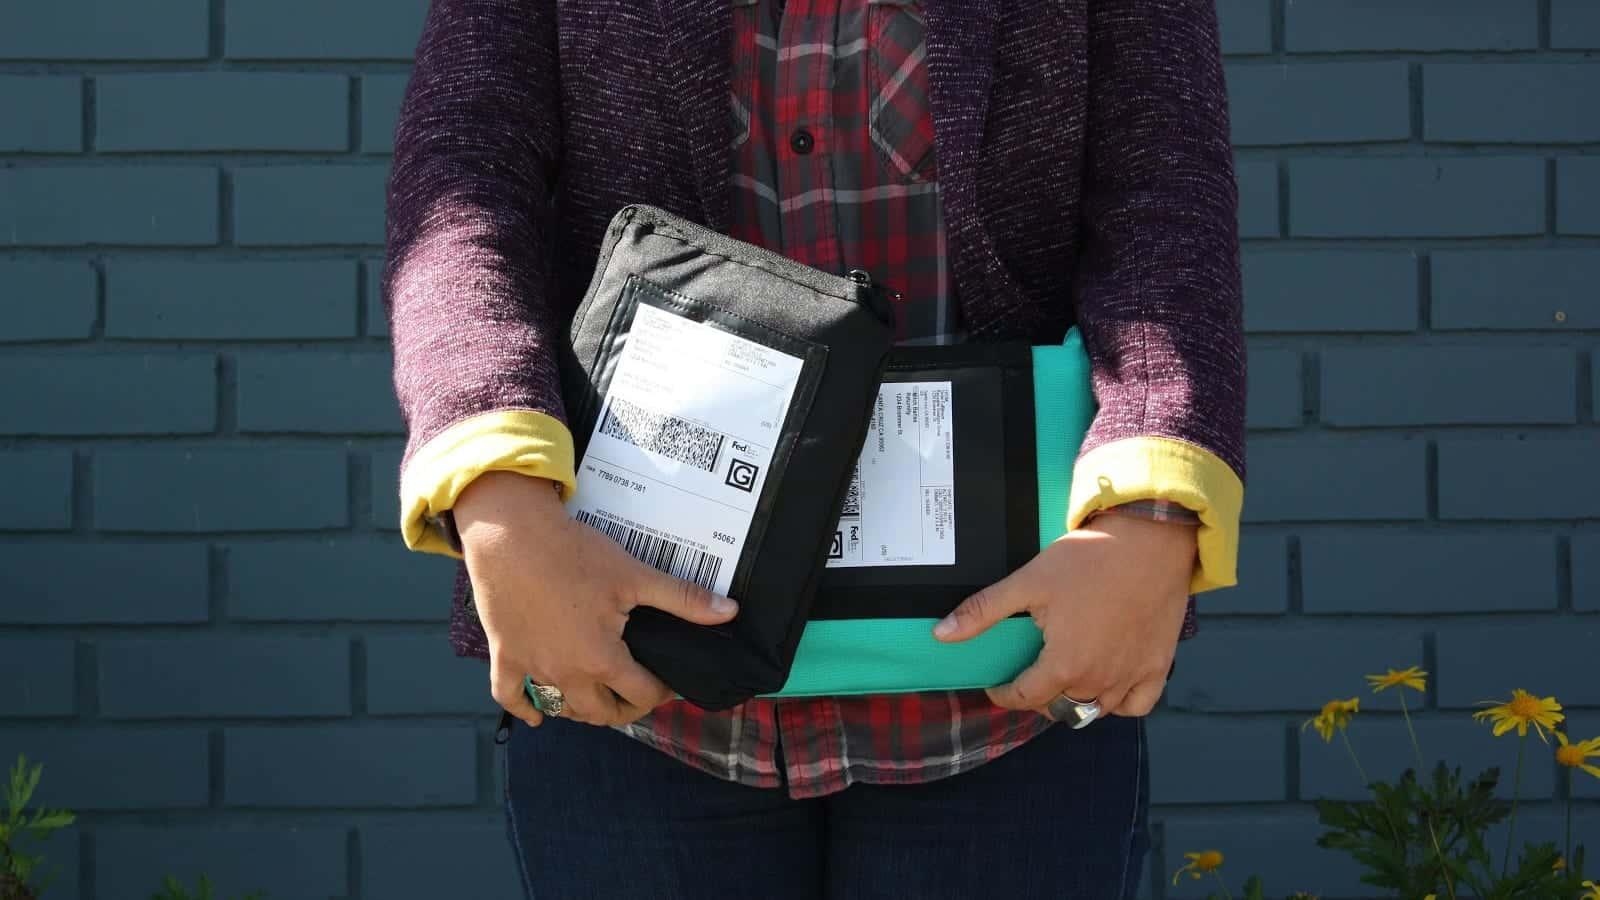 オンラインショッピングをエコに。再利用可能な配送パッケージ「Returnity」